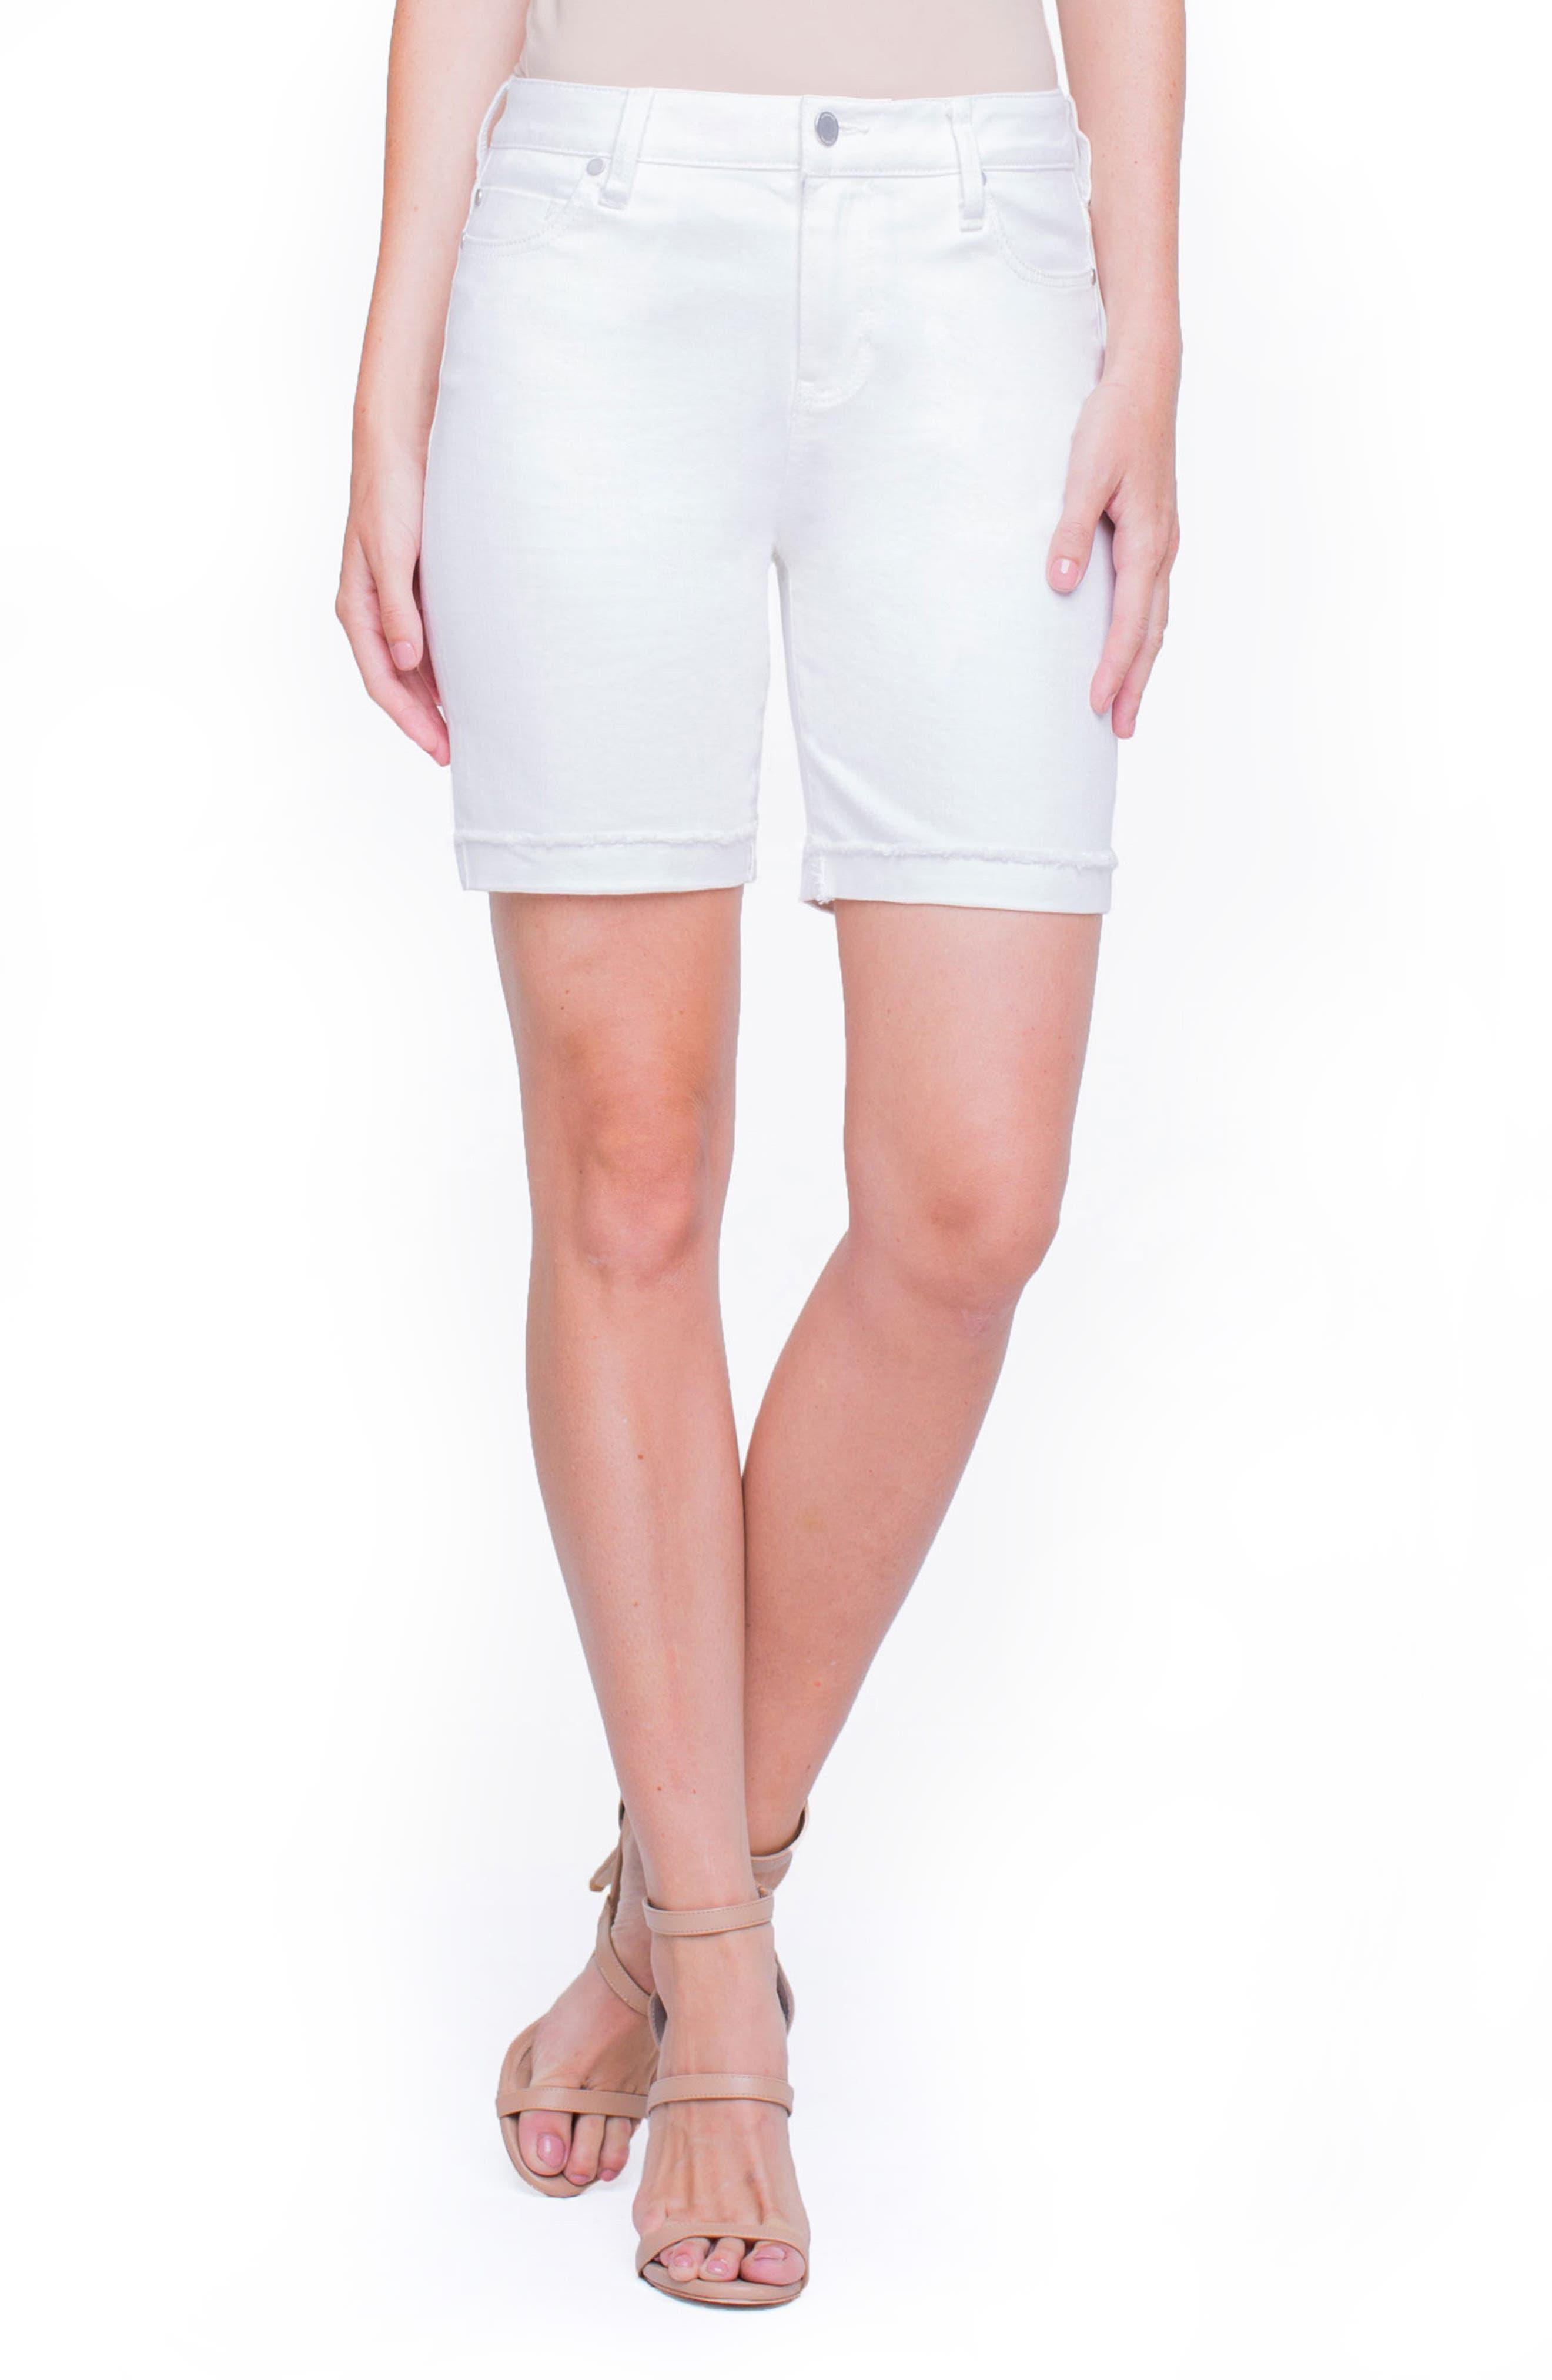 Casey White Denim Shorts,                         Main,                         color, Bright White